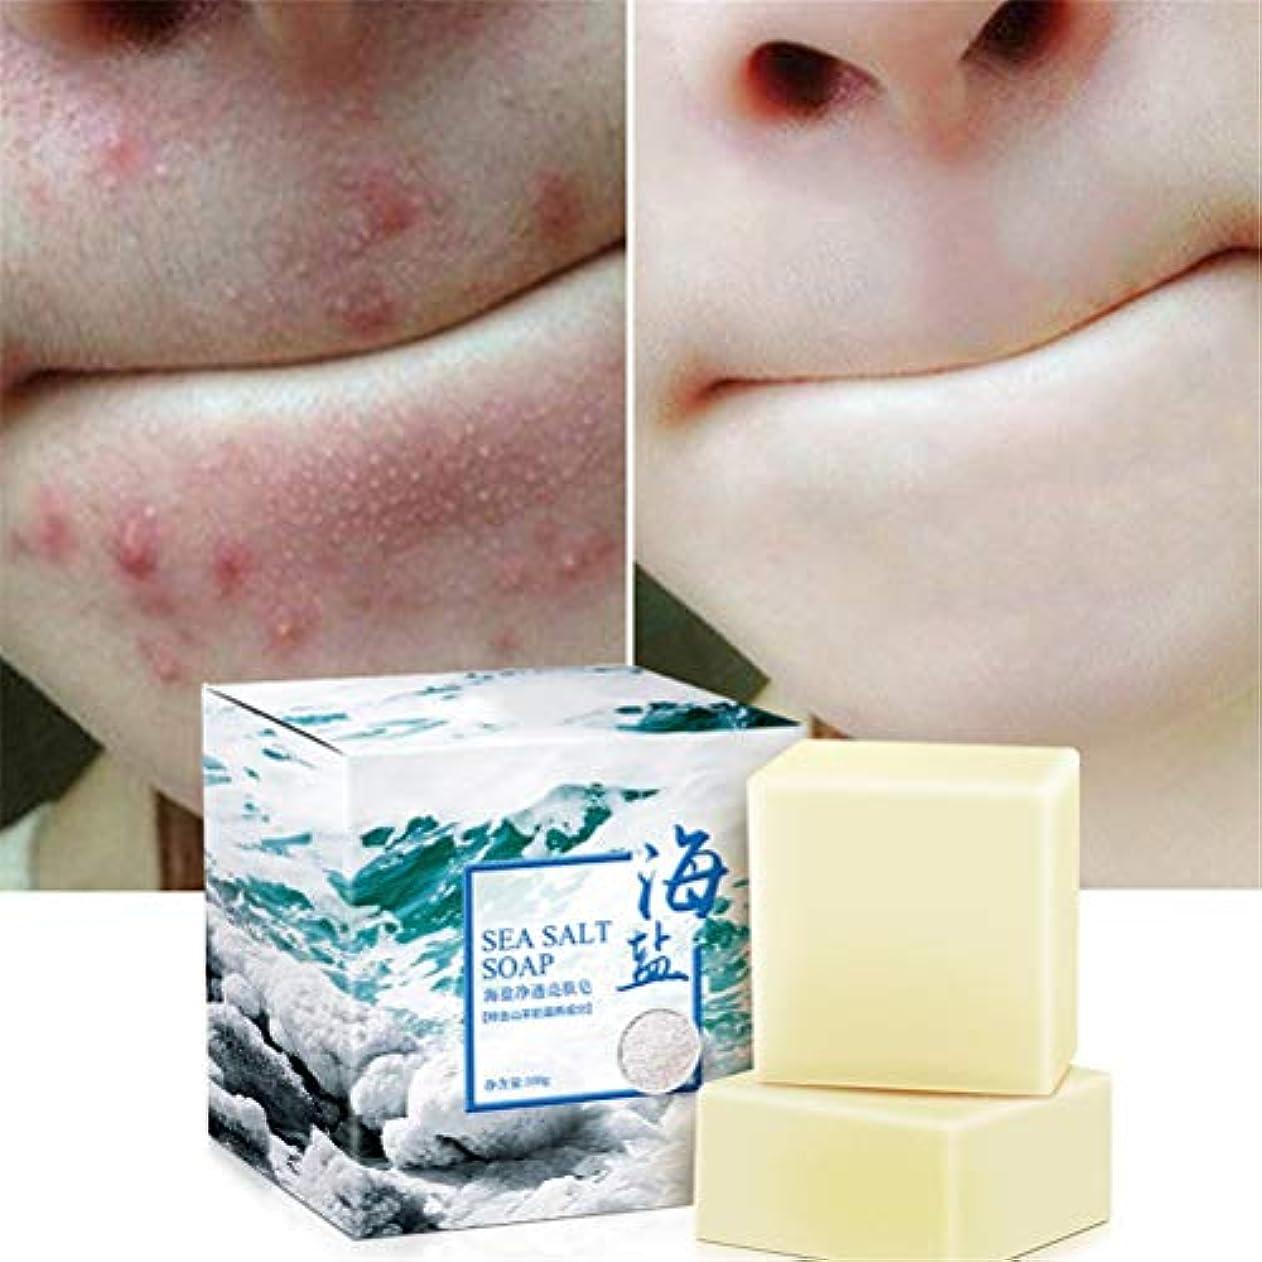 スロベニア期待本部Creacom 洗顔 石鹸 天然海塩 肌に優しい無添加 毛穴 対策 保湿 固形 毛穴 黒ずみ 肌荒れ くすみ ニキビ 美白 美肌 角質除去 肌荒れ 乾燥肌 オイル肌 混合肌 対策 全身可能 100g